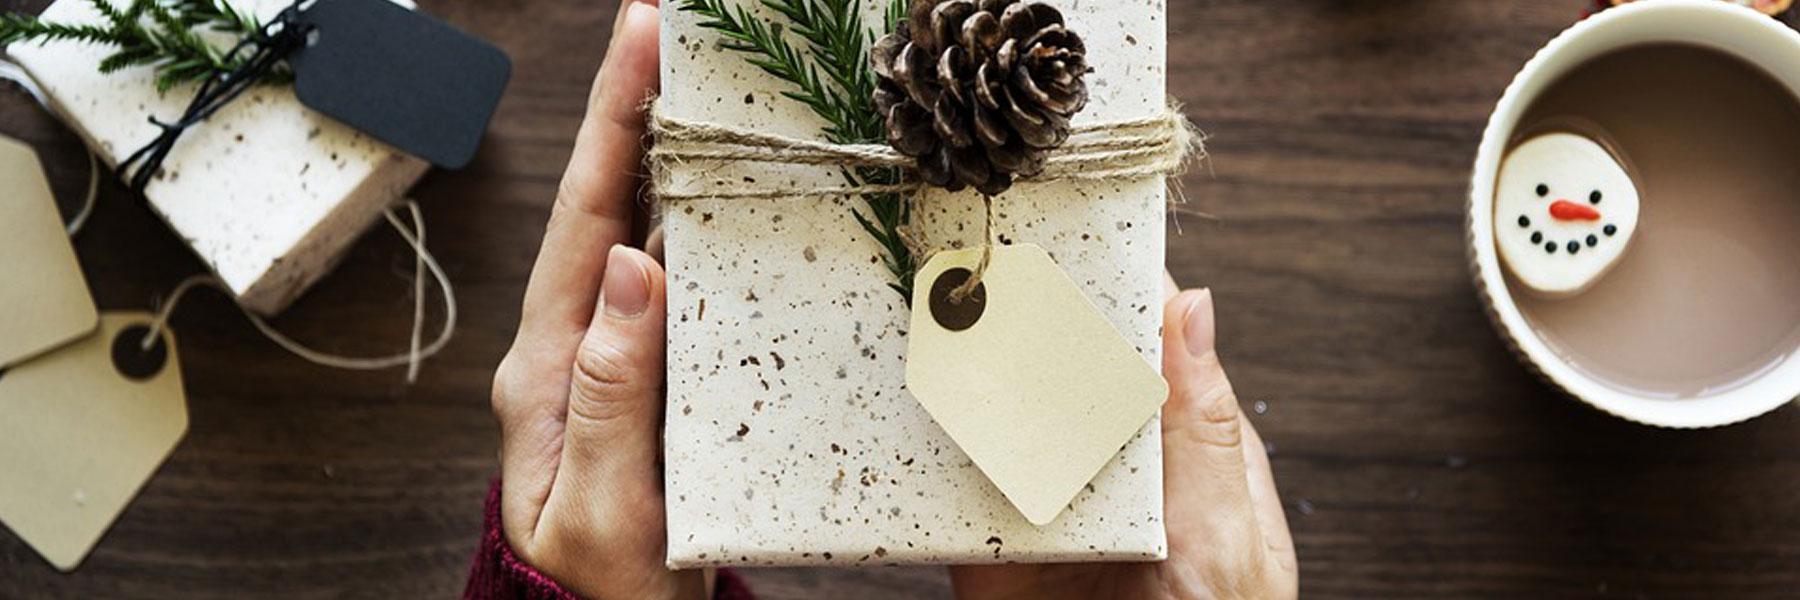 Header_Geschenke-fuer-wenig-Geld-zu-Weihnachten-%E2%80%93-Checkliste_1800x600.jpg